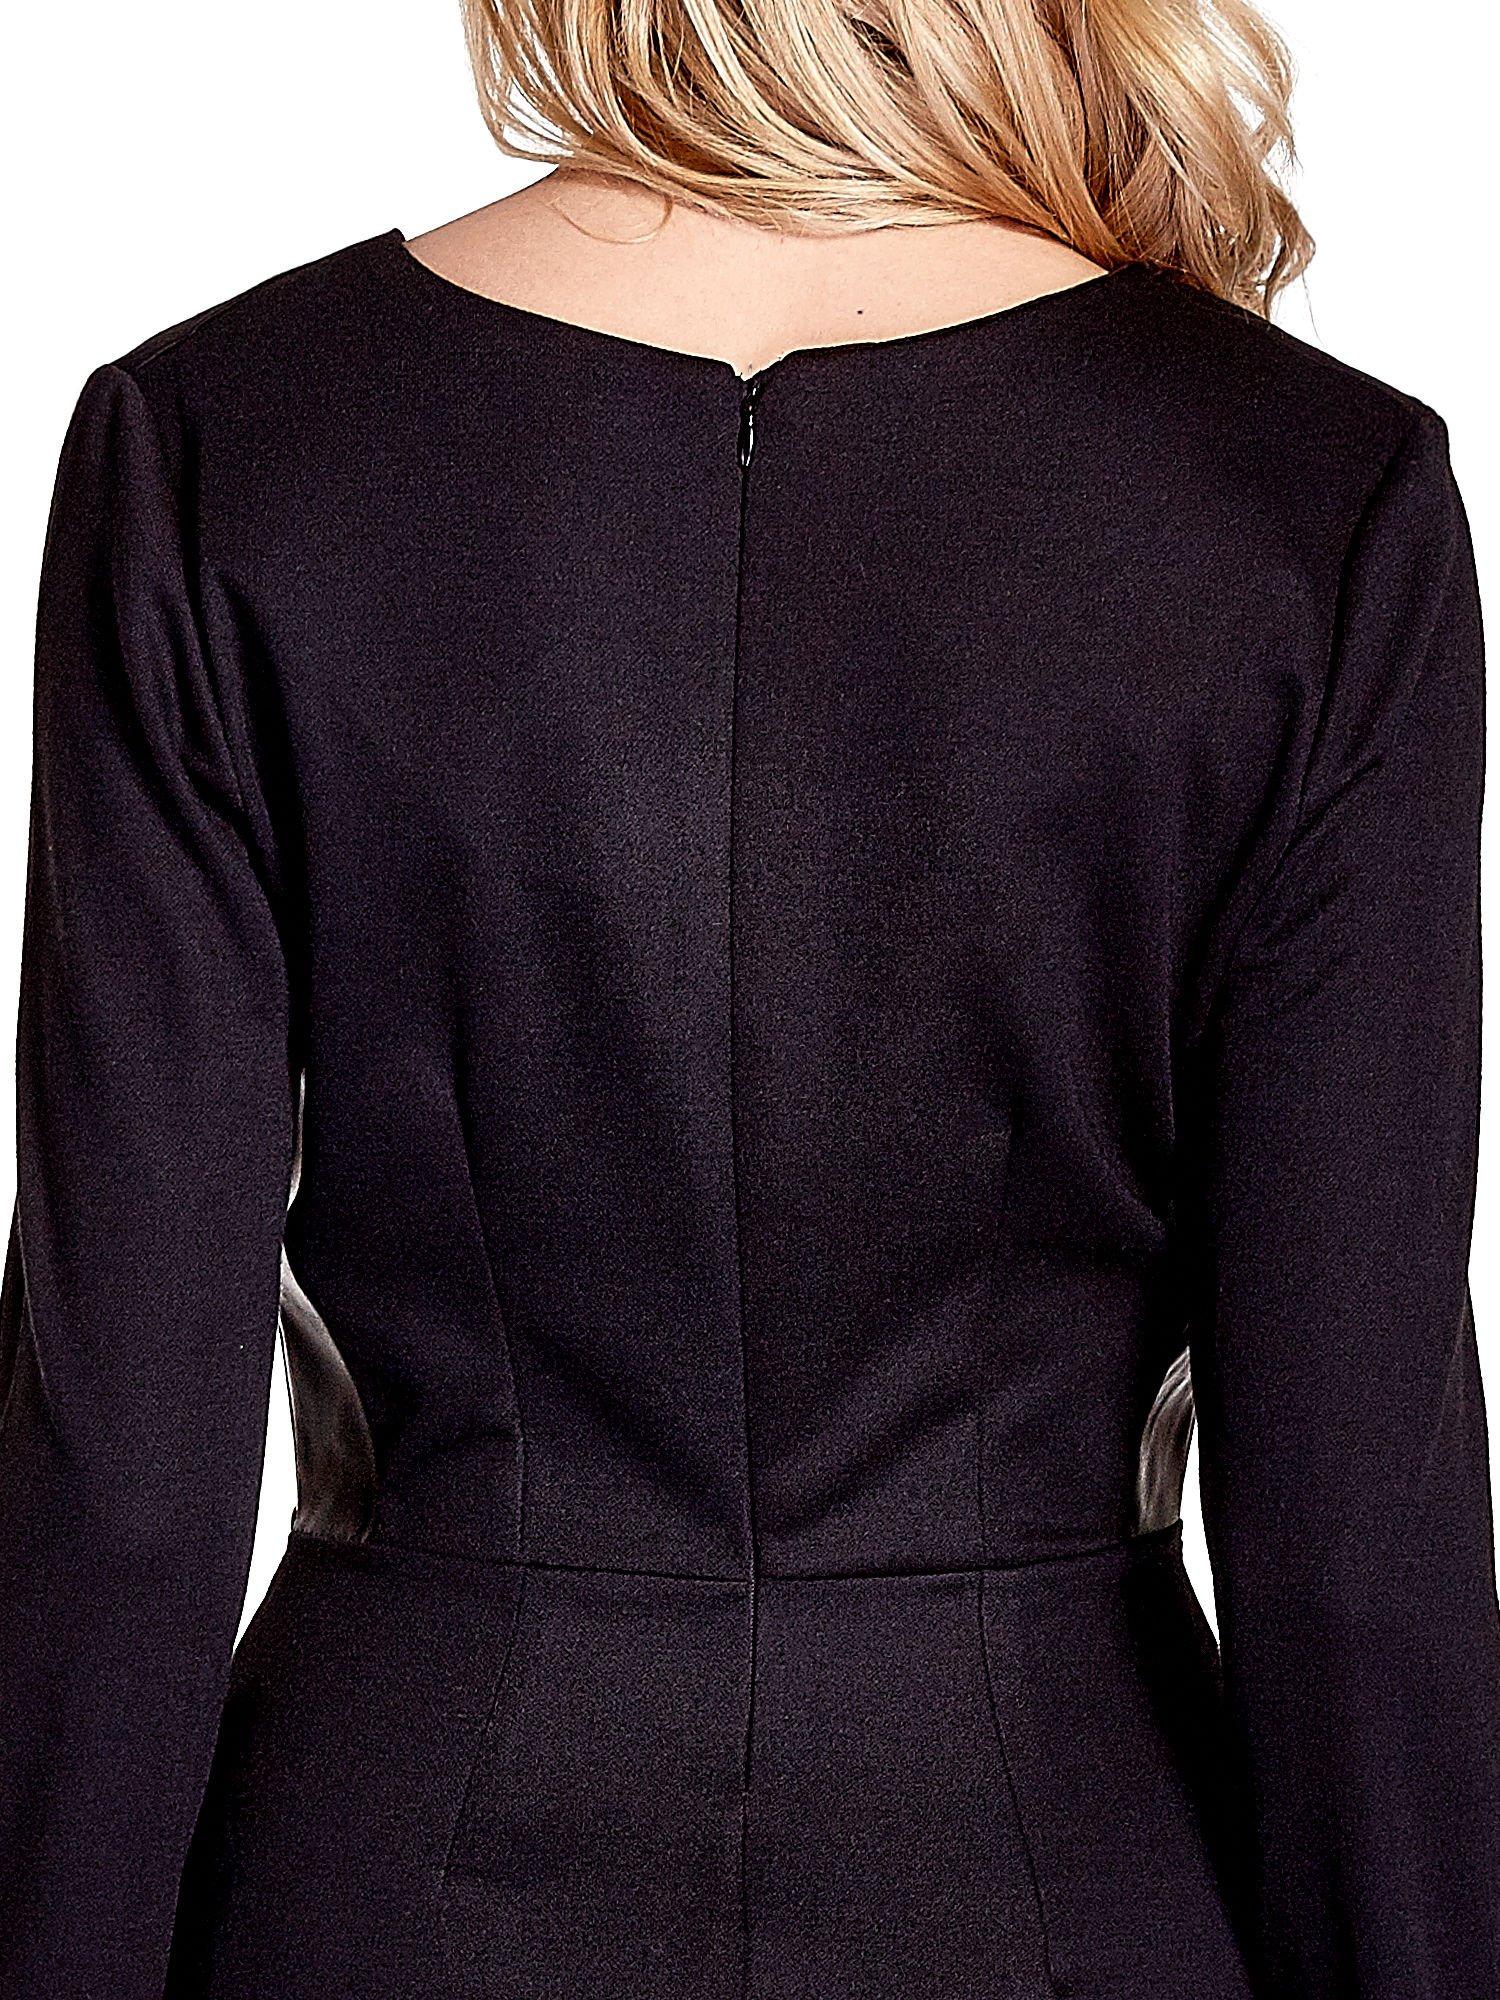 Czarna sukienka ze skórzanymi wstawkami                                  zdj.                                  6